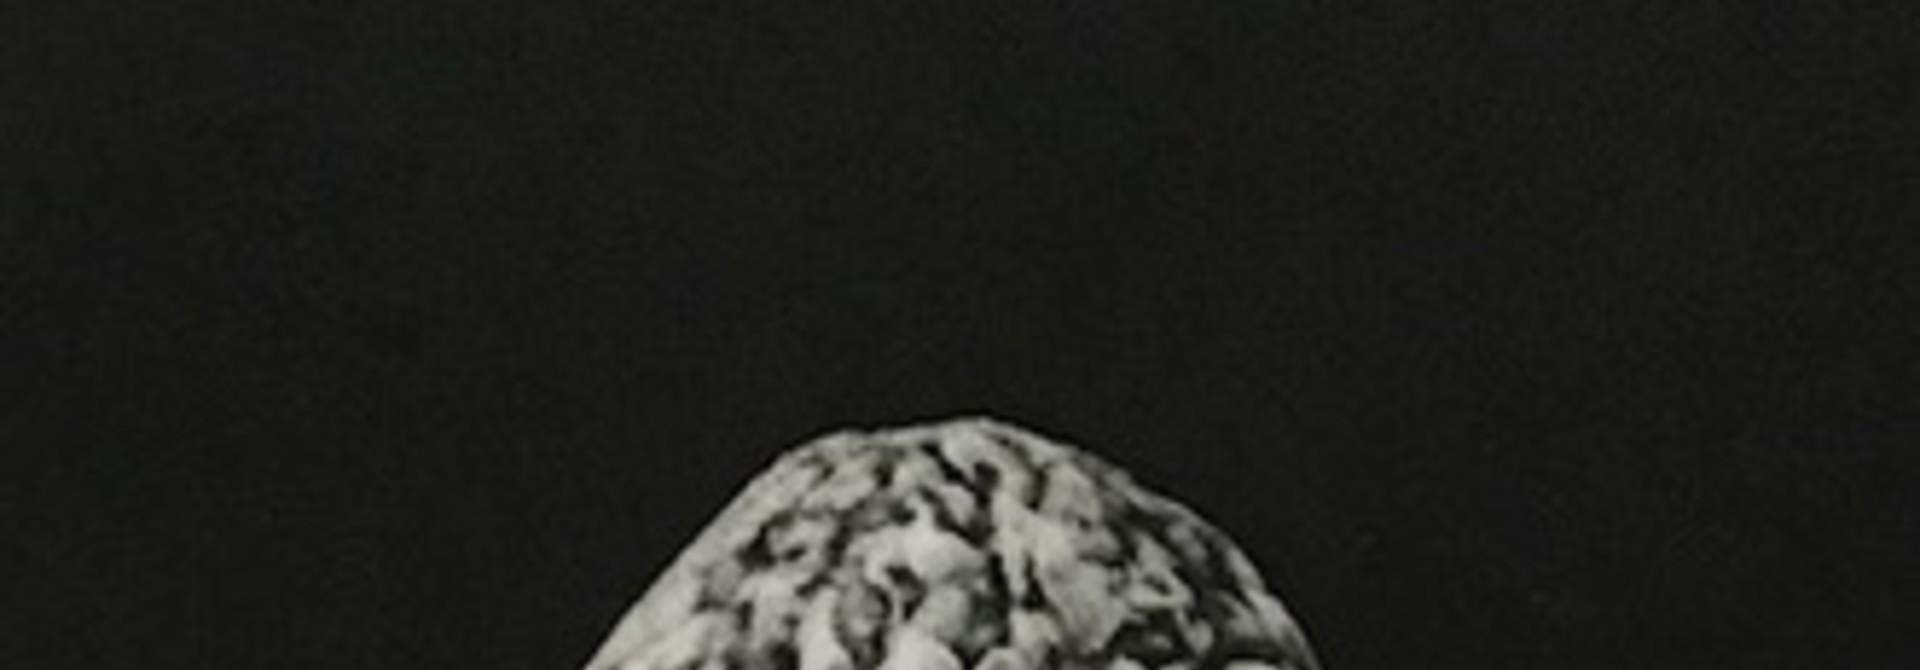 Stone C2